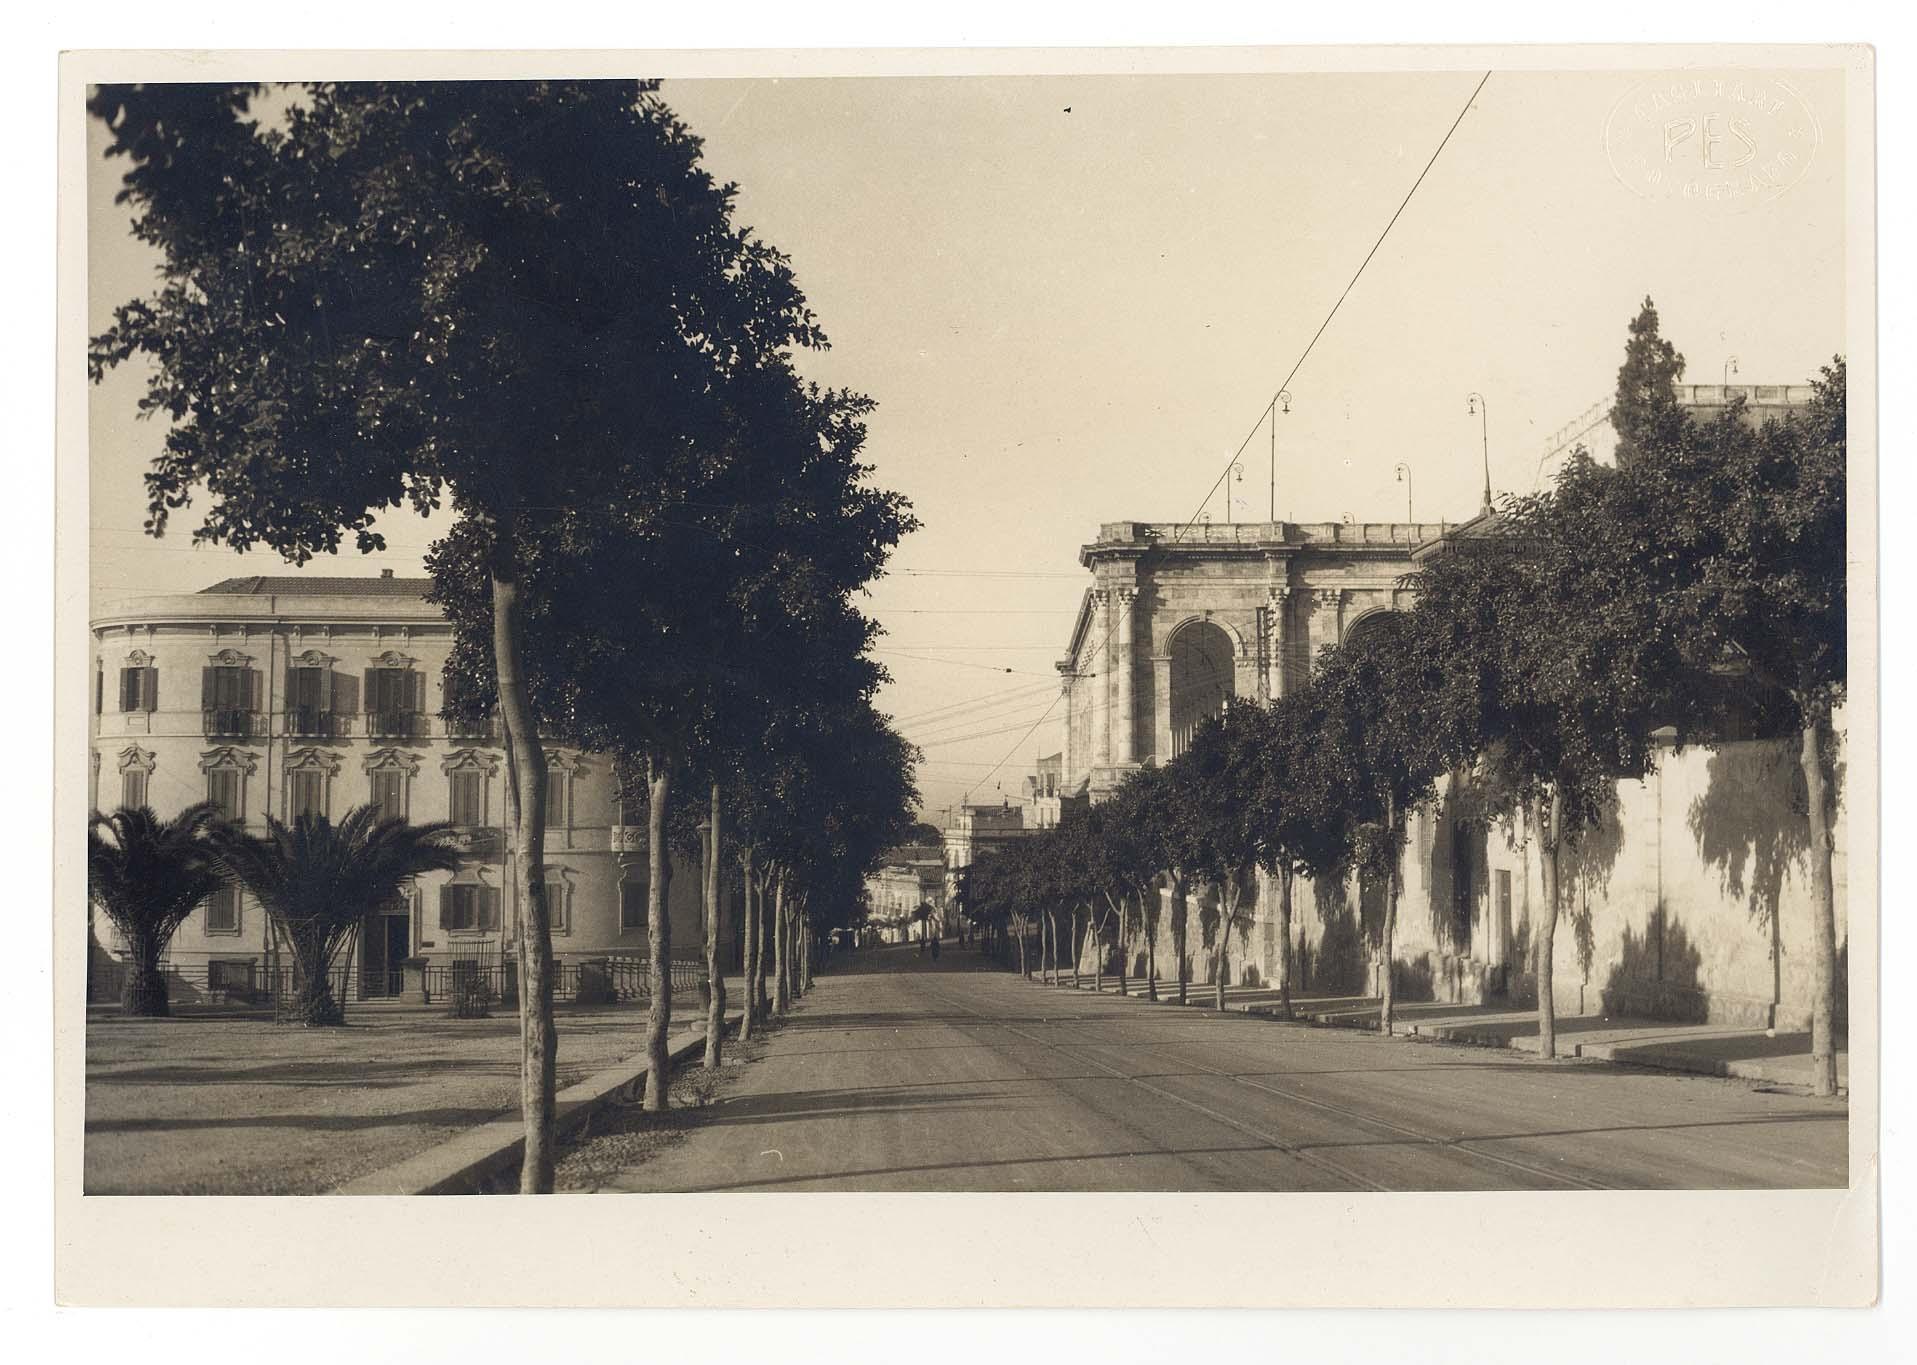 Archivio Comunale - 1925 - Topografia_jpg_foto 0013